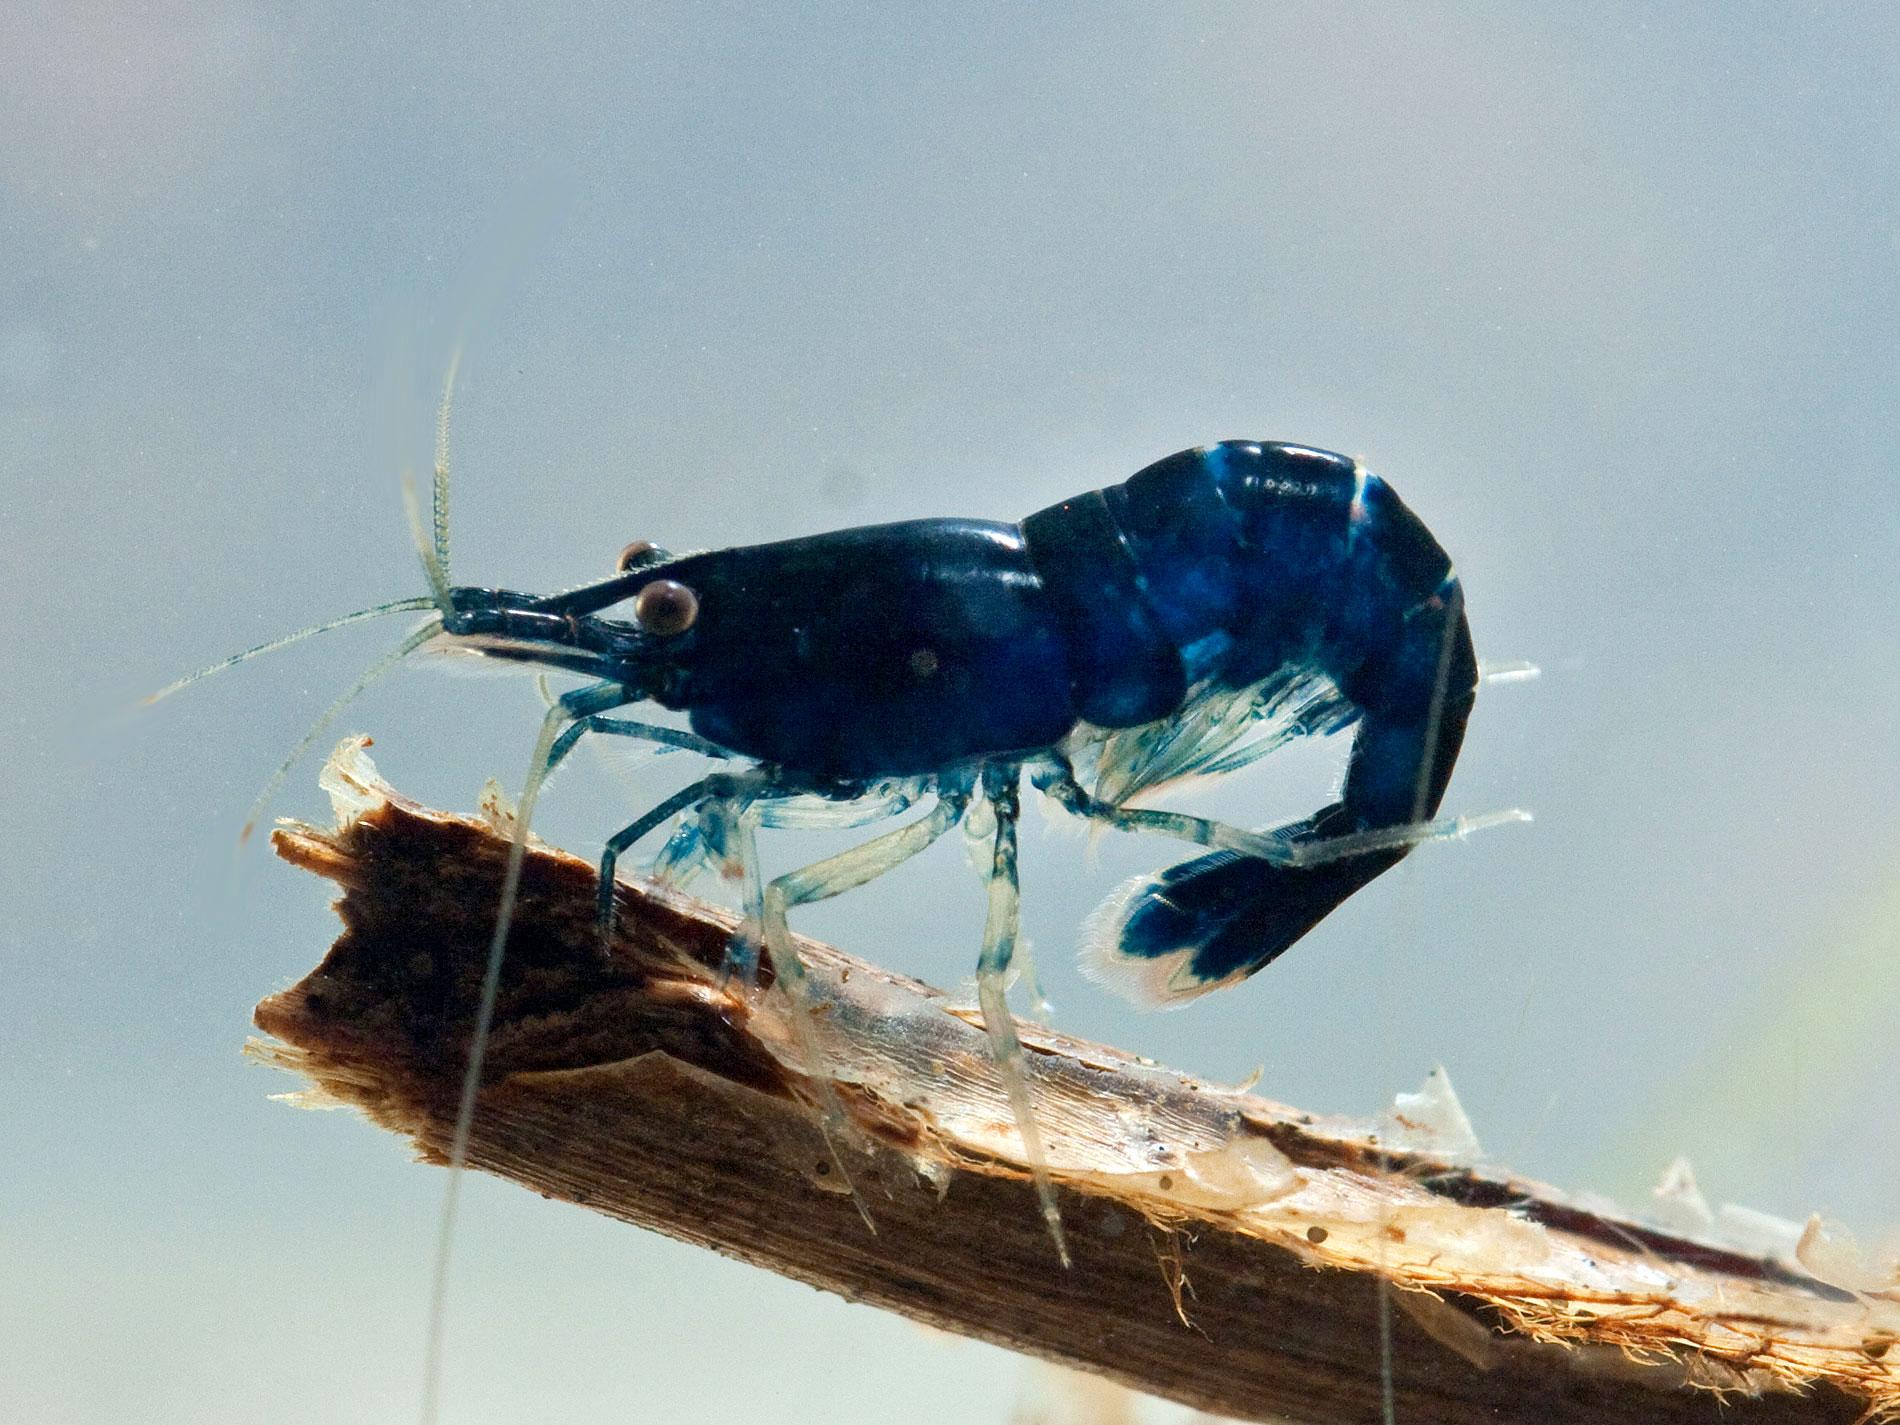 Neocaridina davidi - Blue Sapphire